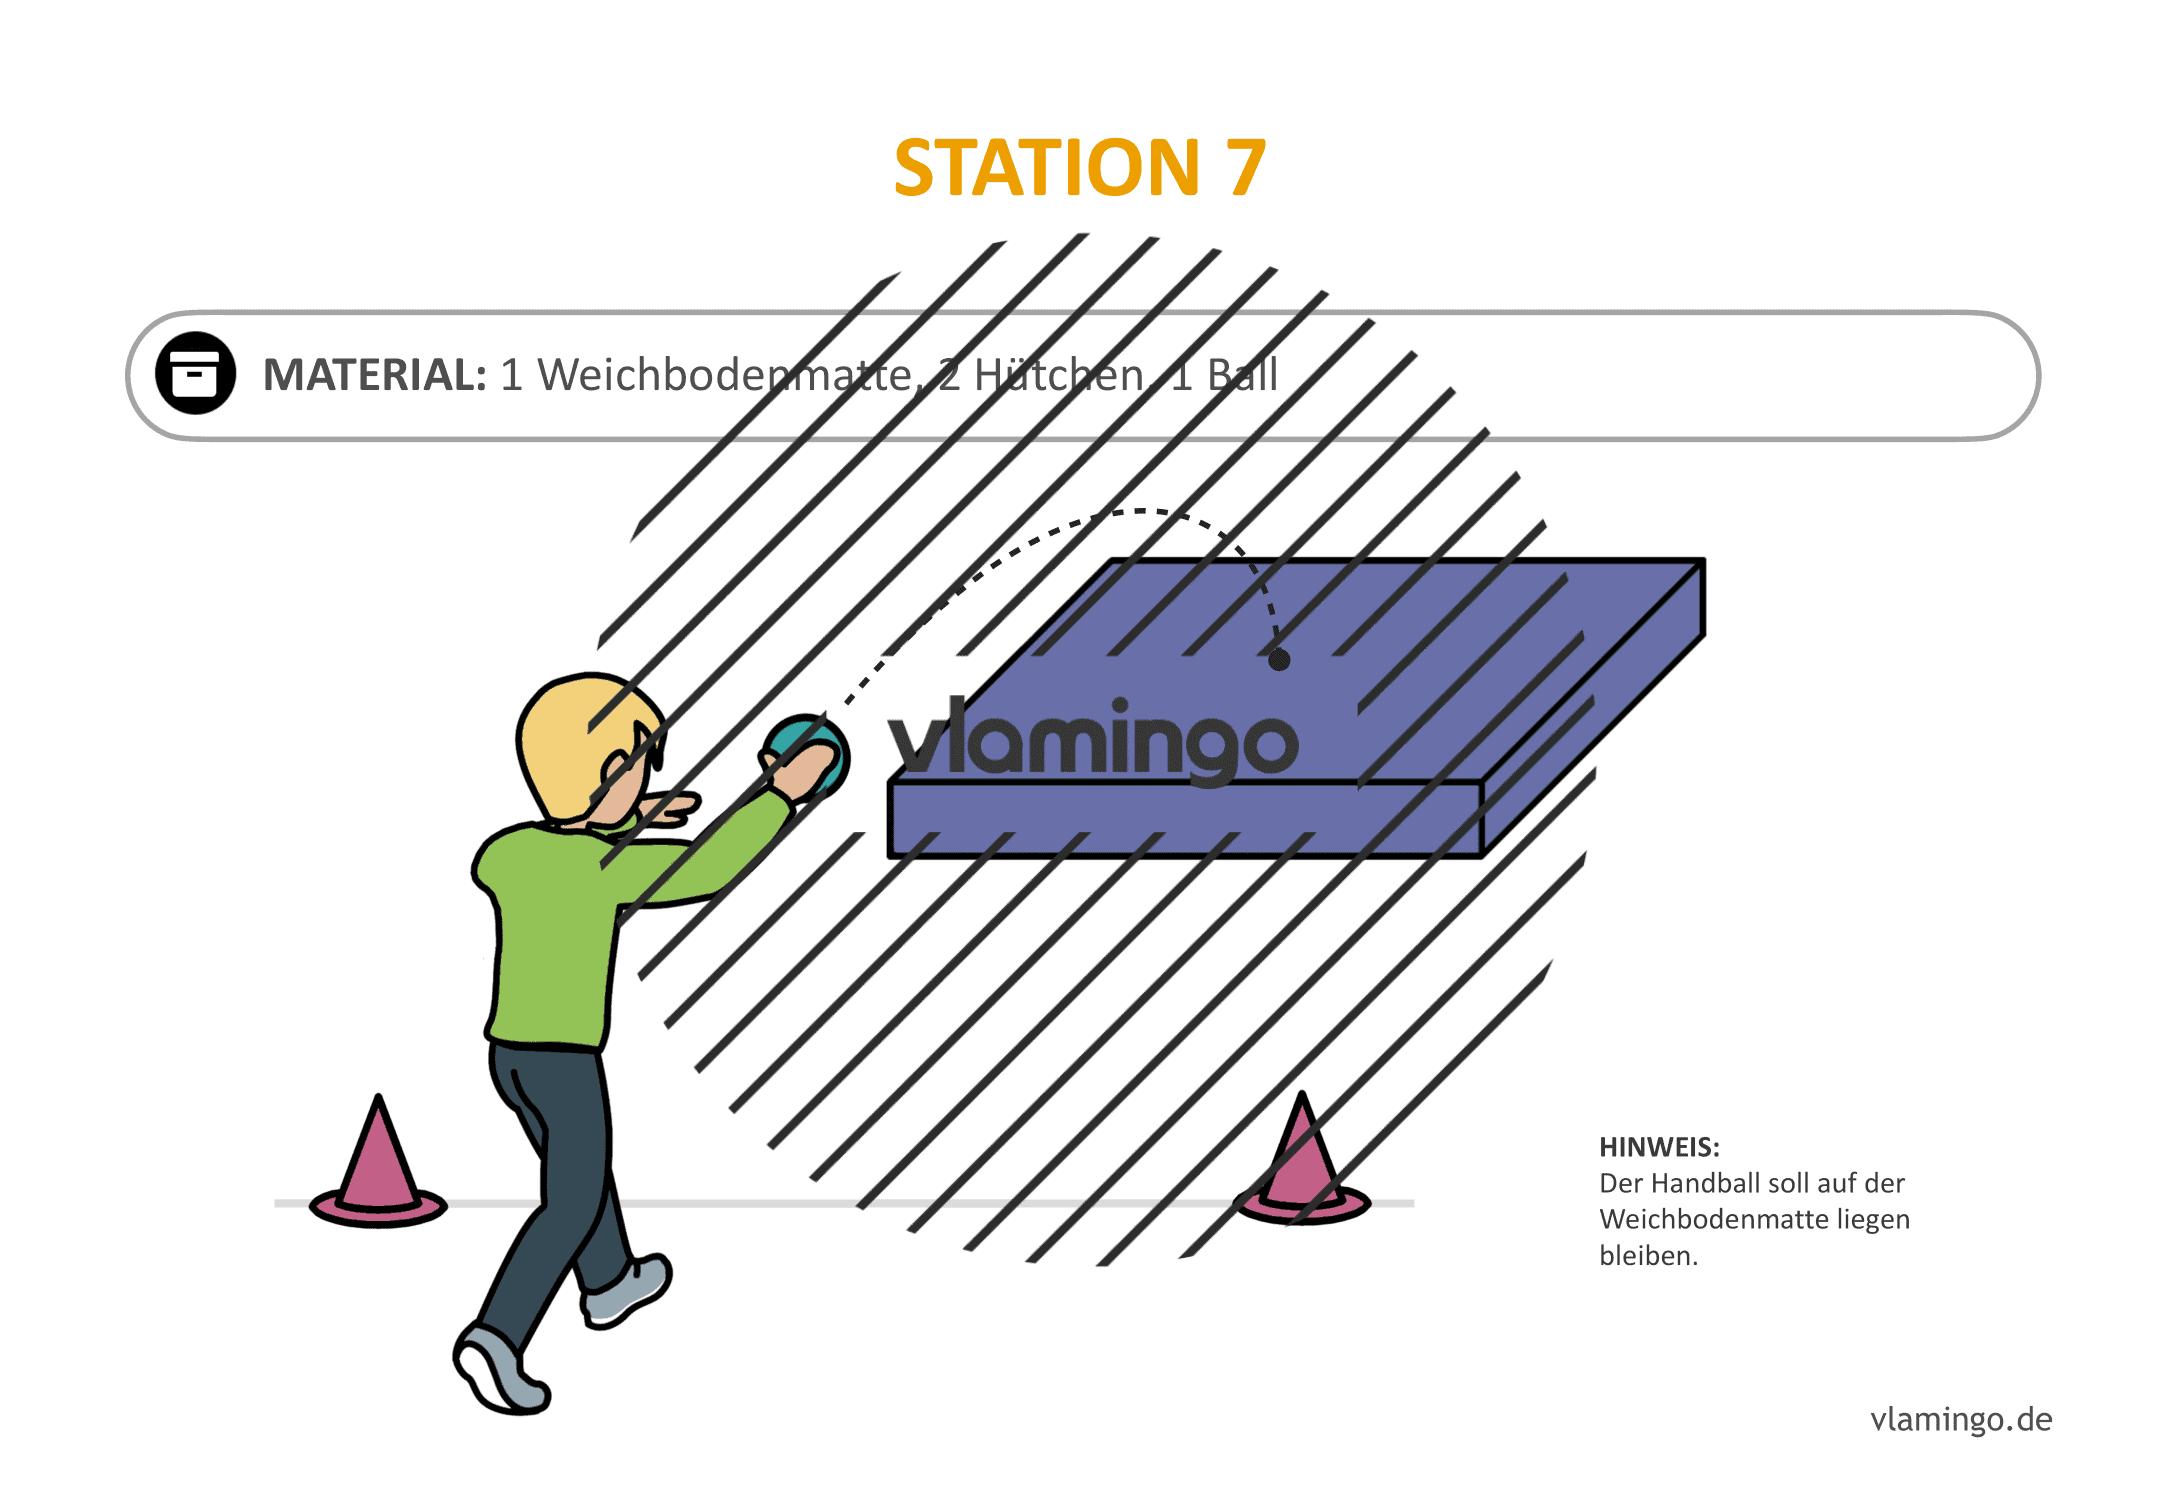 Handballgolf - Station-07